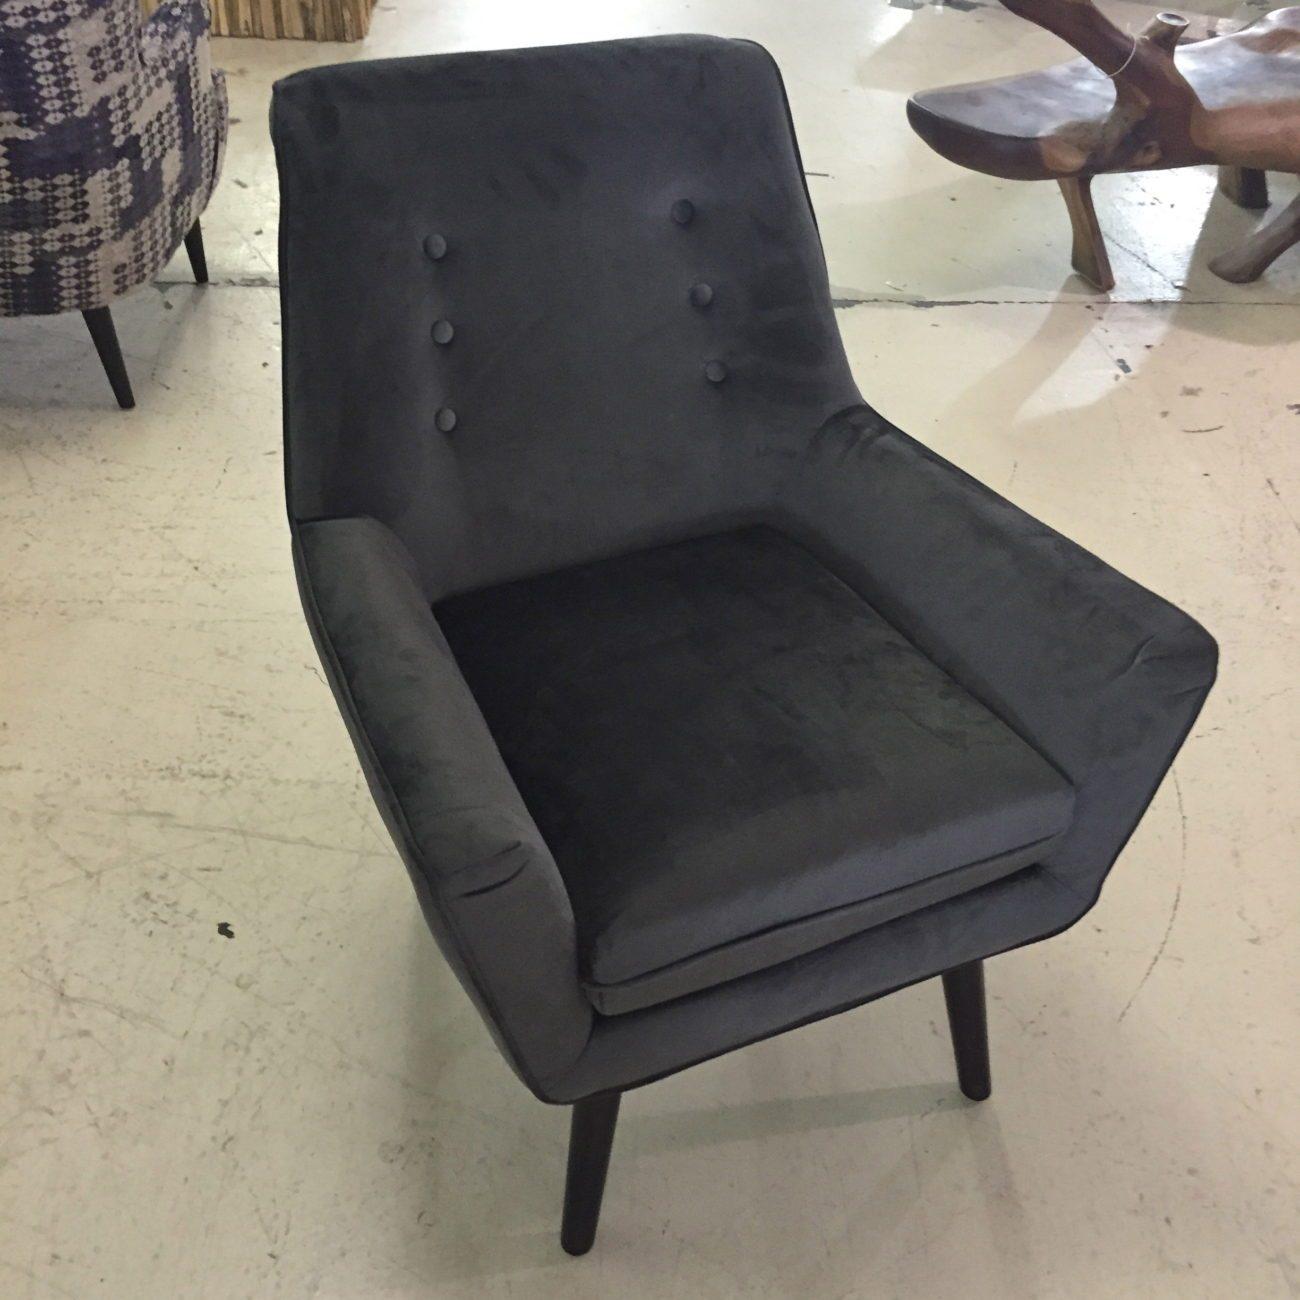 IMG 5541 Horizon Home Furniture